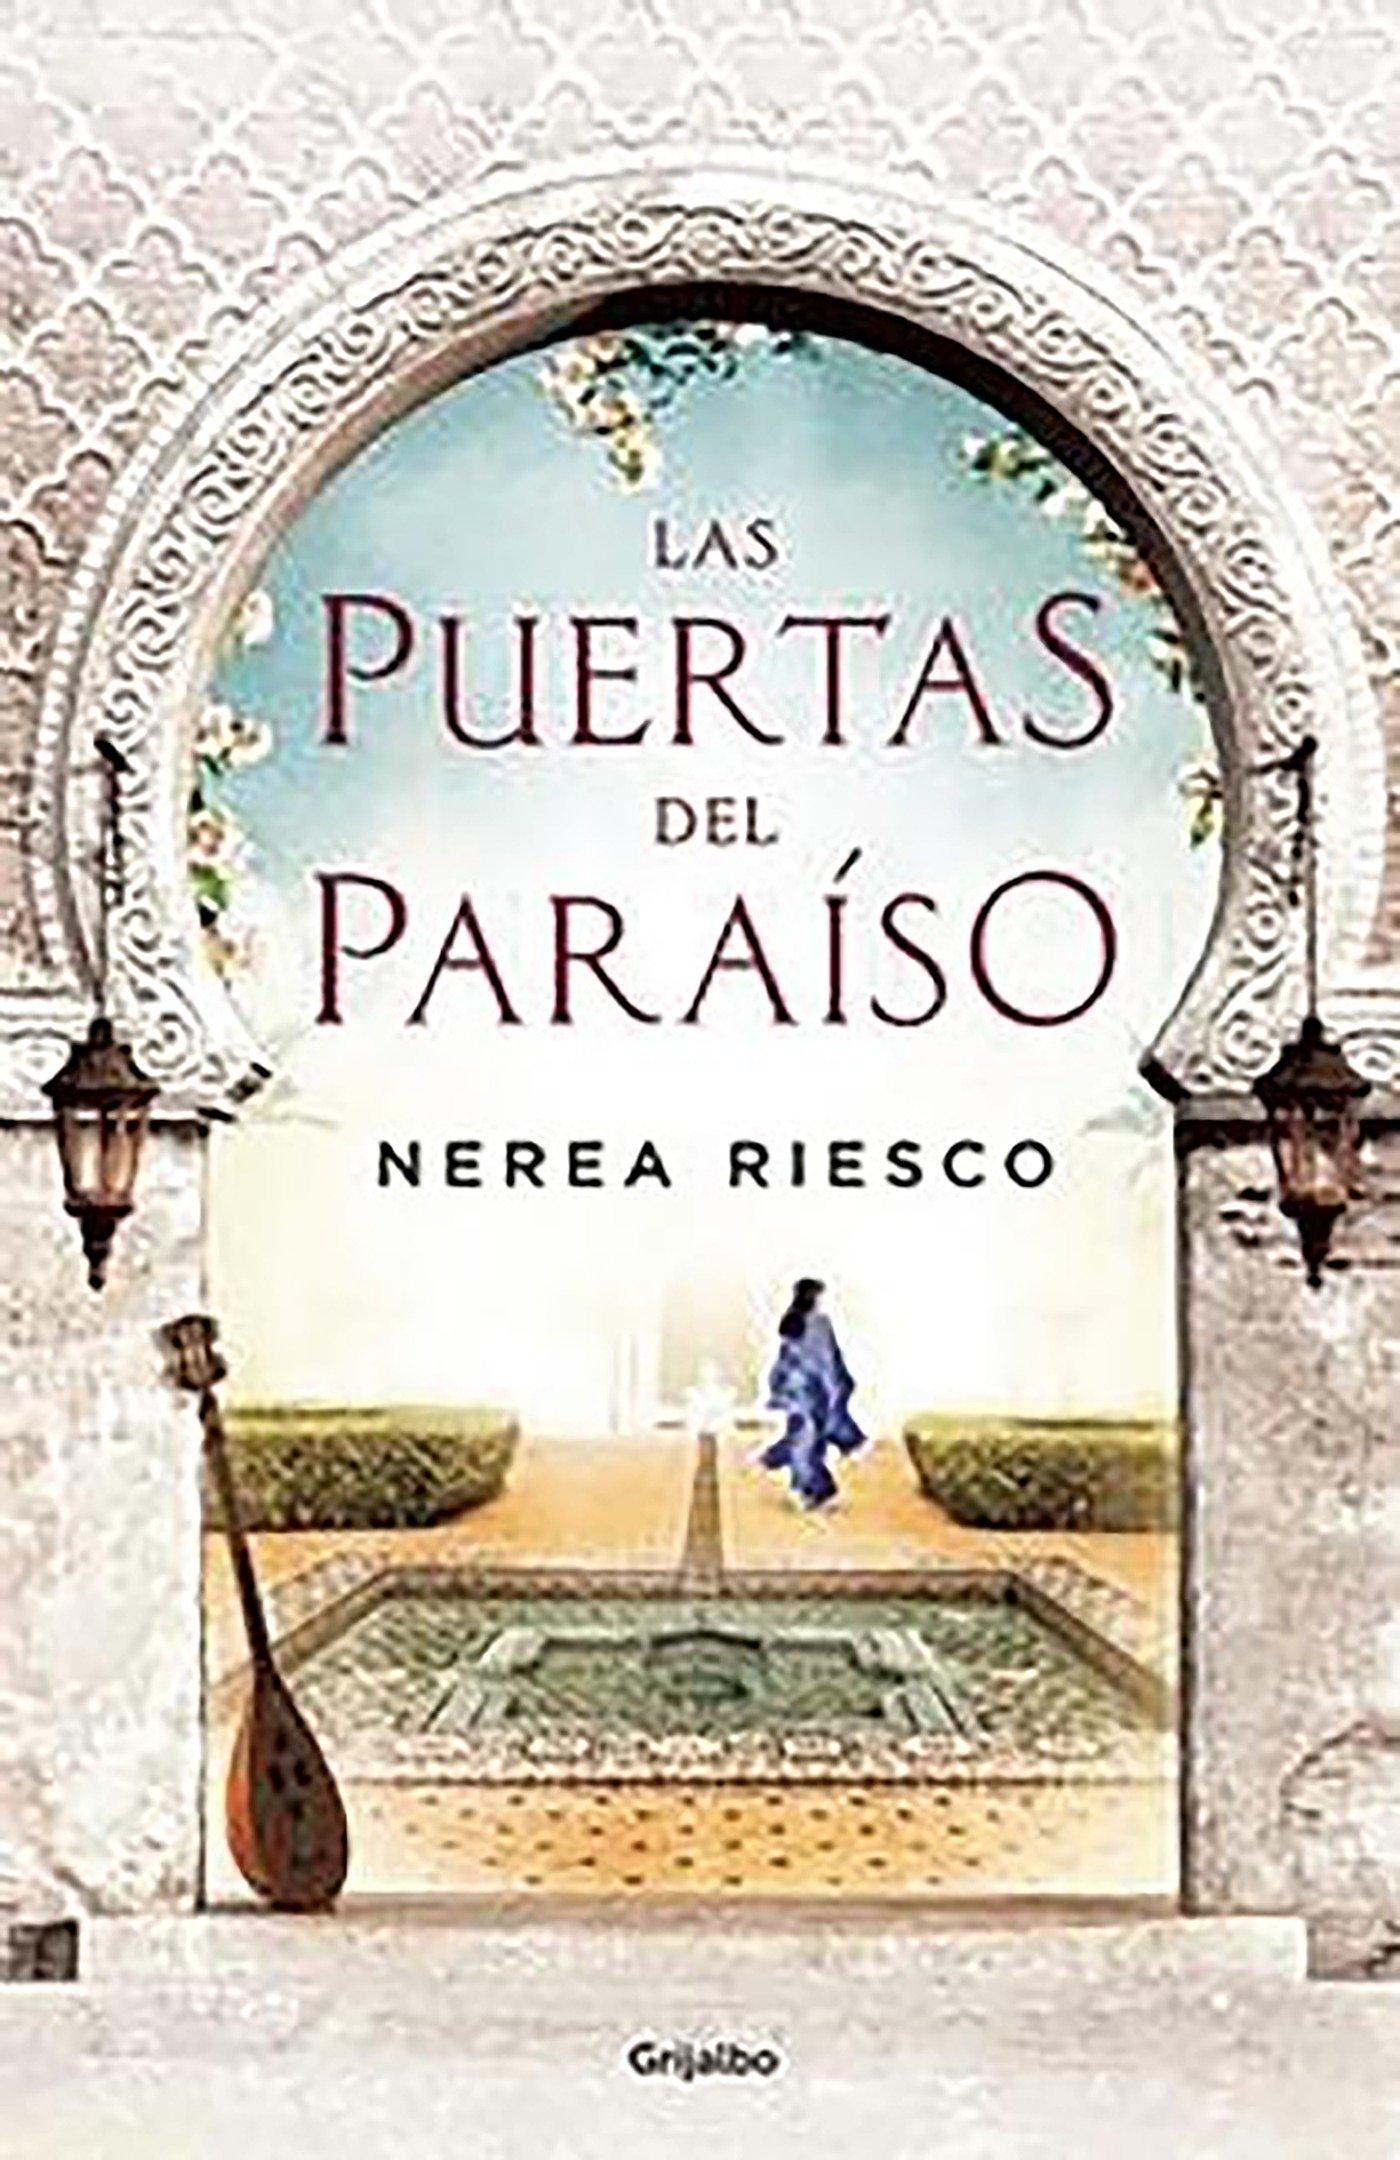 Las puertas del paraíso (Novela histórica): Amazon.es: Nerea Riesco: Libros